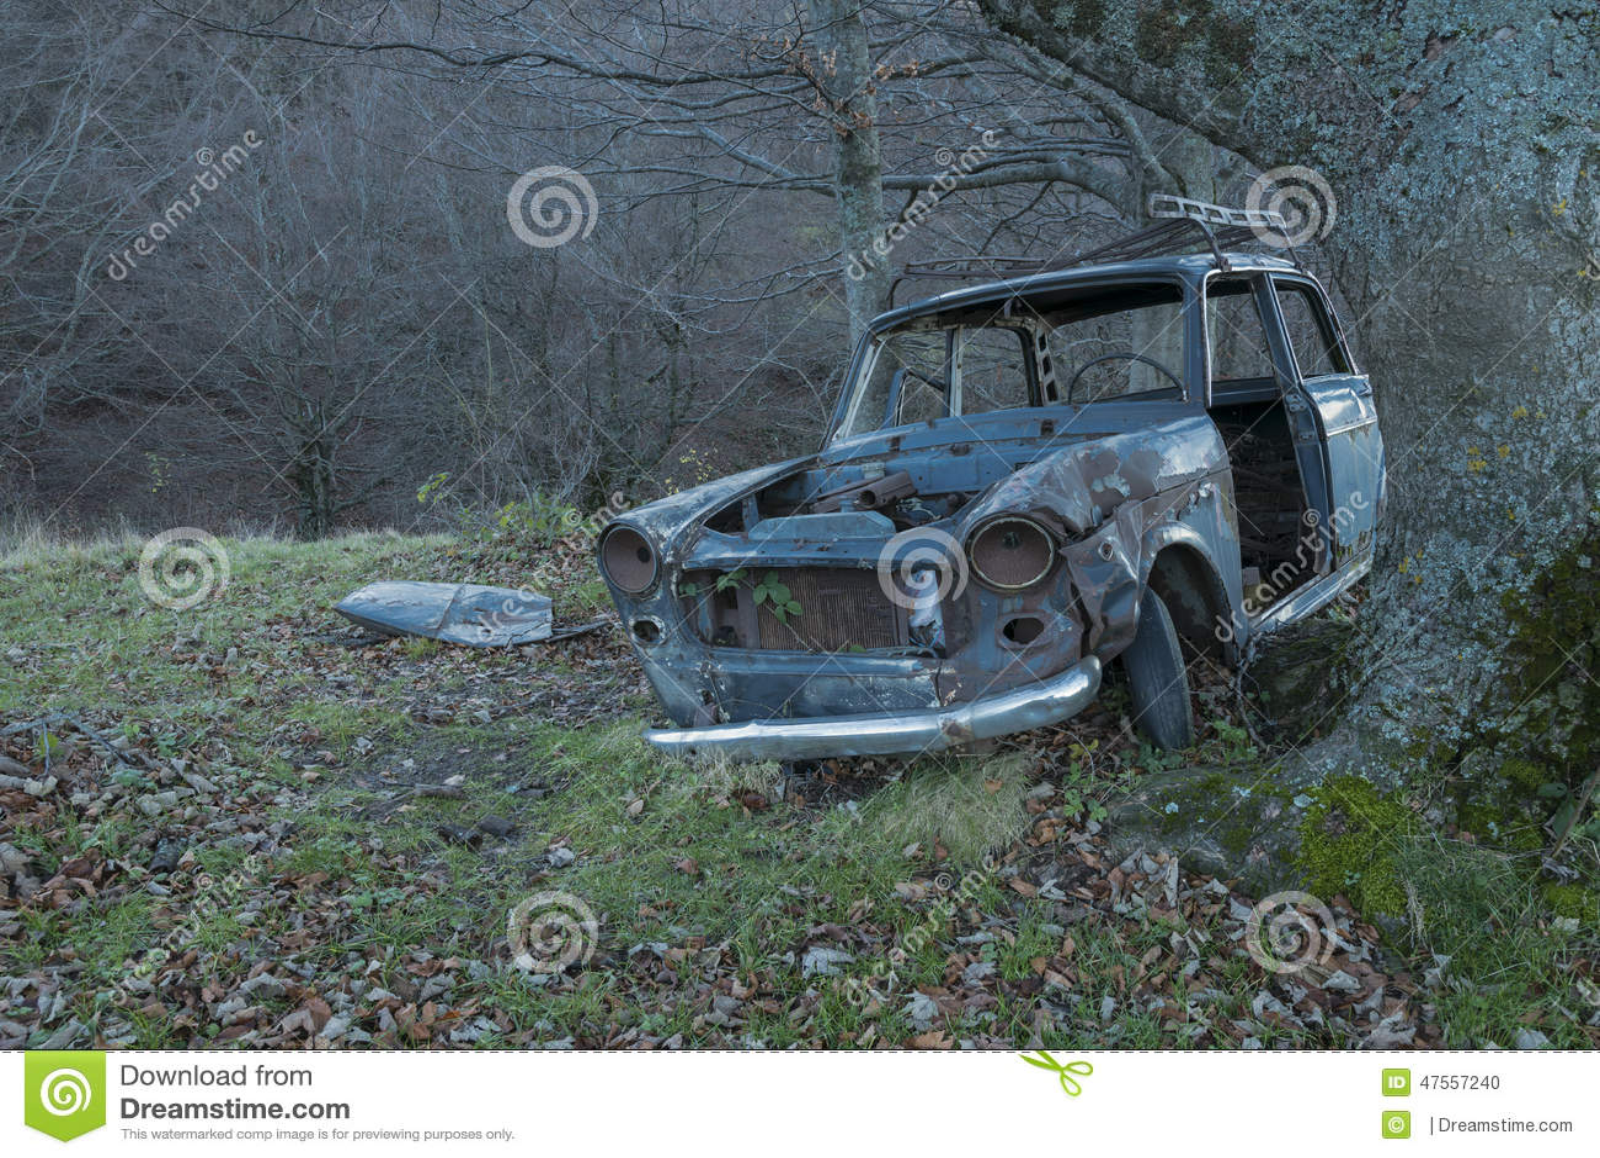 vieille voiture abandonn e tableau de bord et volant photo stock image 47557240. Black Bedroom Furniture Sets. Home Design Ideas